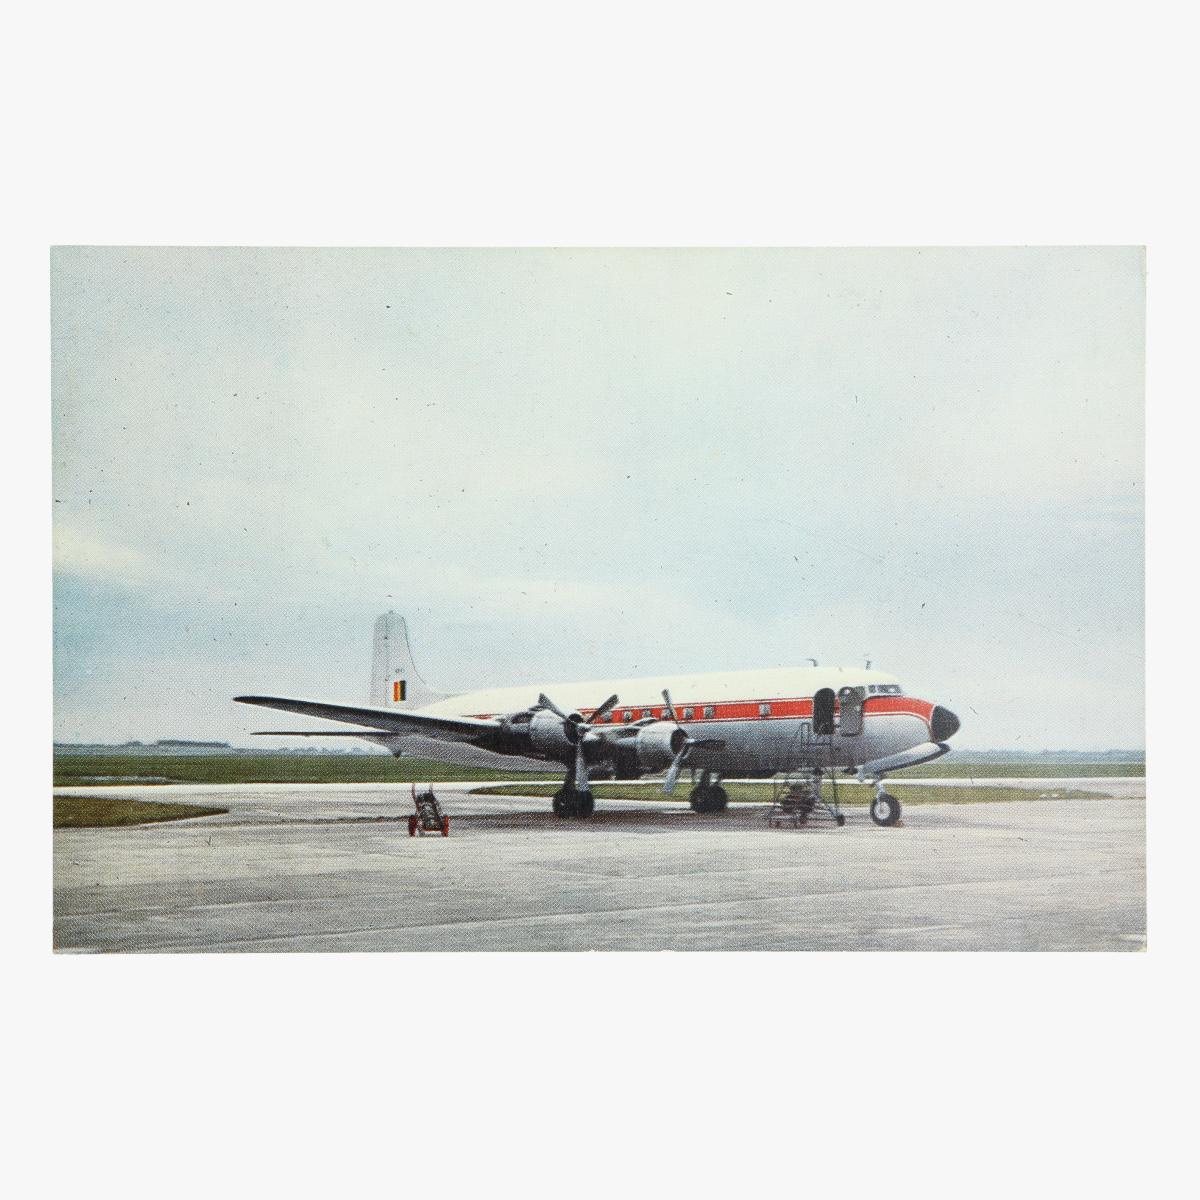 Afbeeldingen van postkaar belgische luchtmacht douglas dc 6.